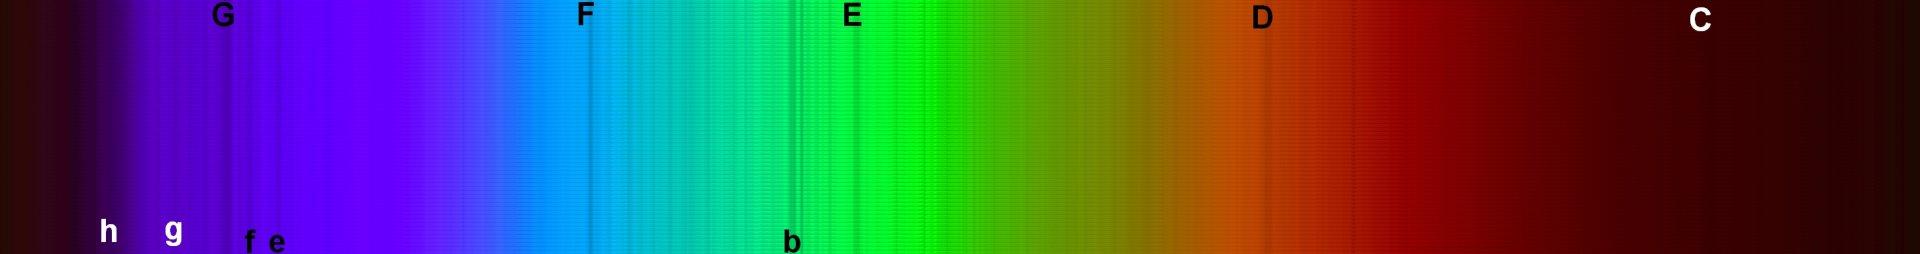 Sonne_VSS_iso100_250µs_2900_breiter_p_anno.jpg